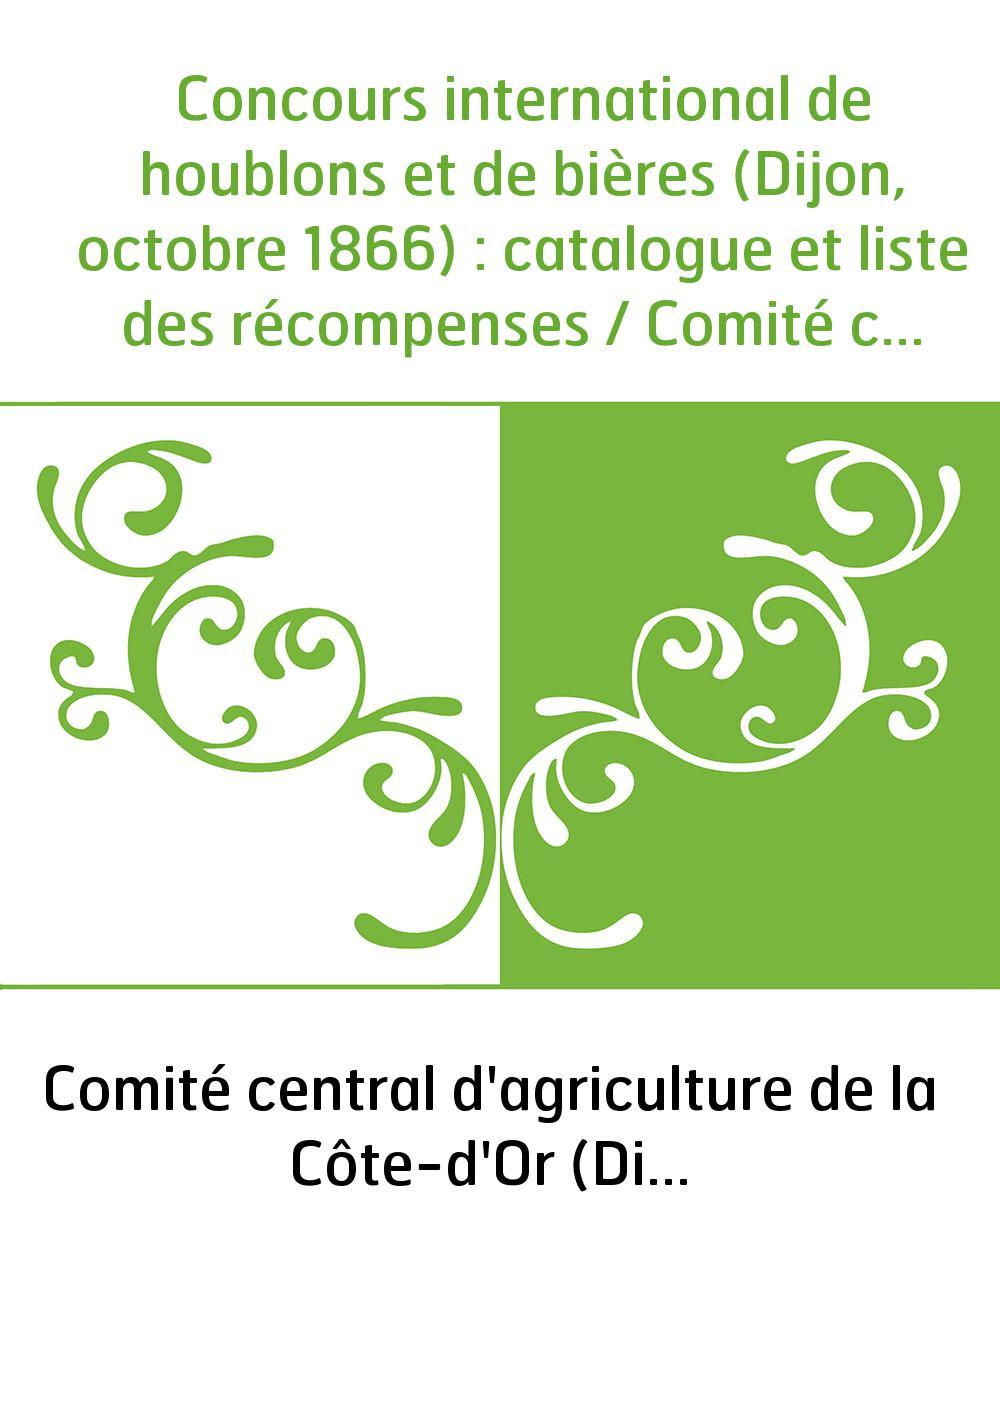 Concours international de houblons et de bières (Dijon, octobre 1866) : catalogue et liste des récompenses / Comité central d'ag